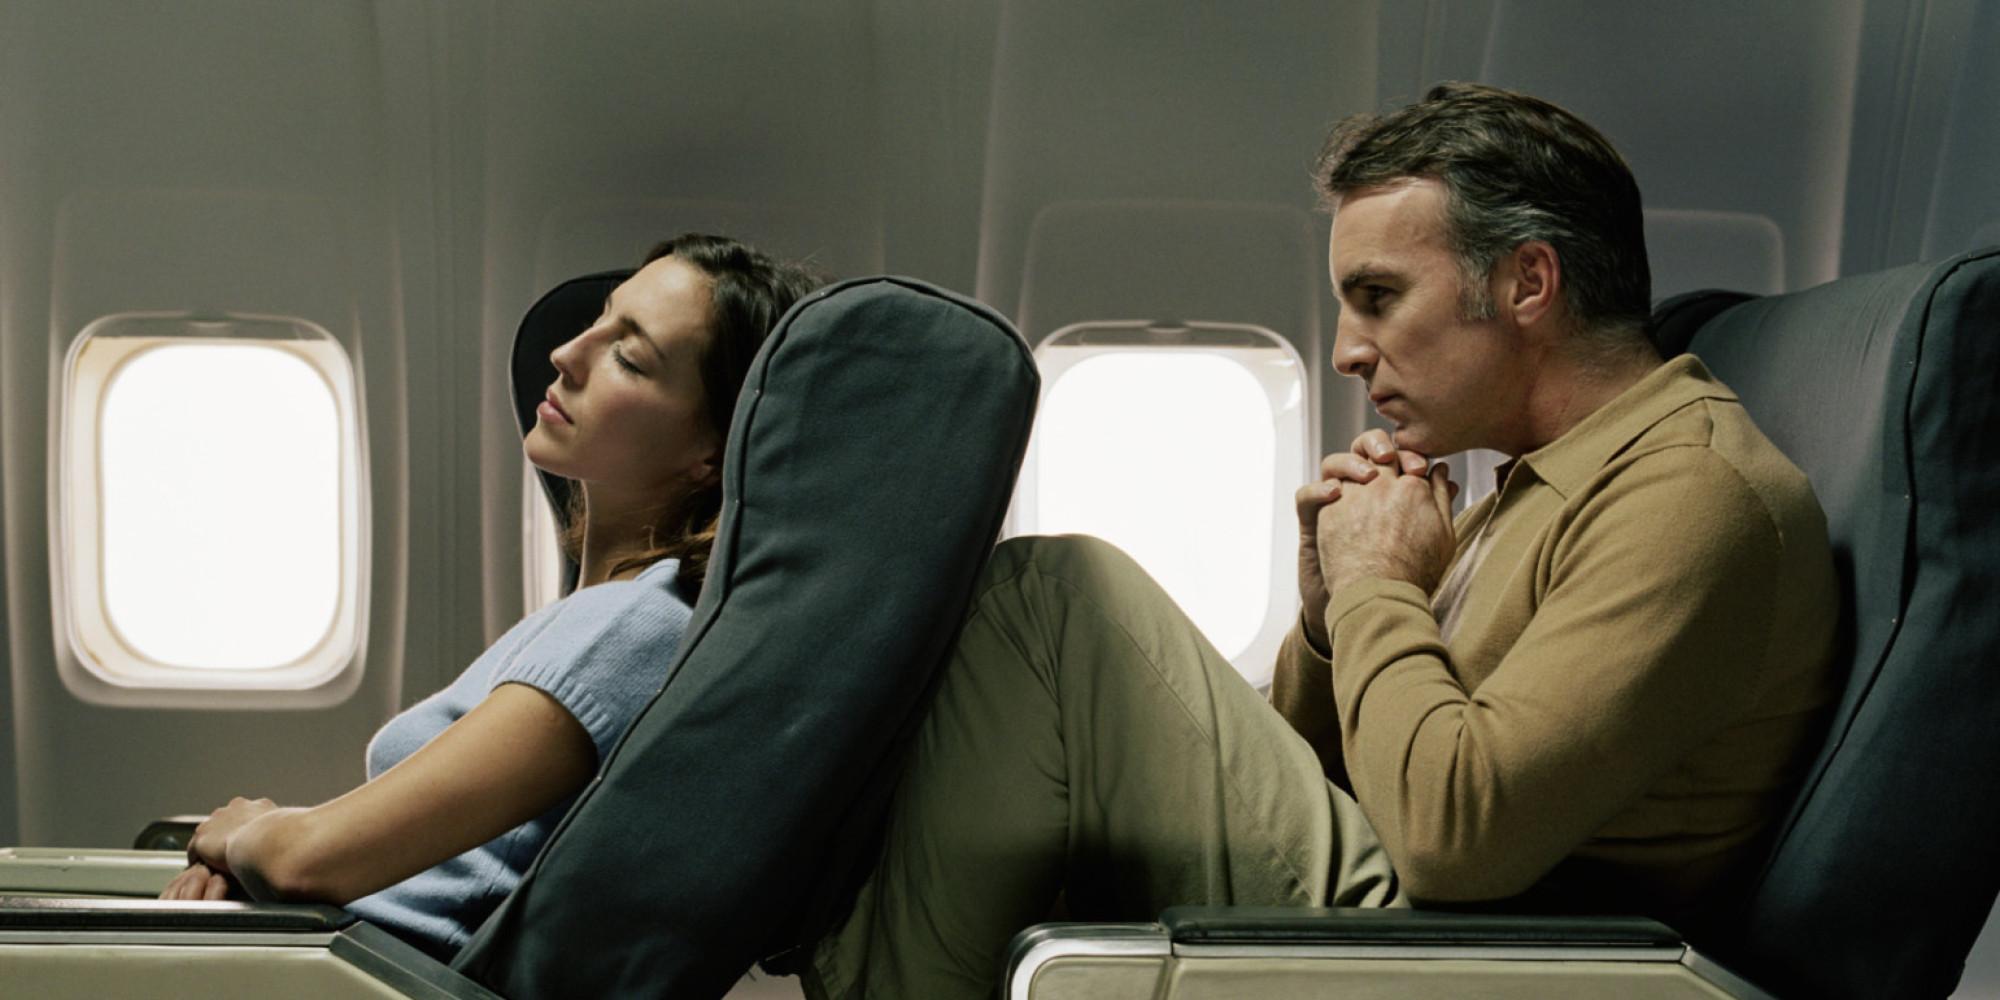 Khi đi máy bay bạn sẽ hay thấy người Nhật làm điều này nhưng vì sao thì chắc chắn bạn sẽ bất ngờ - Ảnh 3.